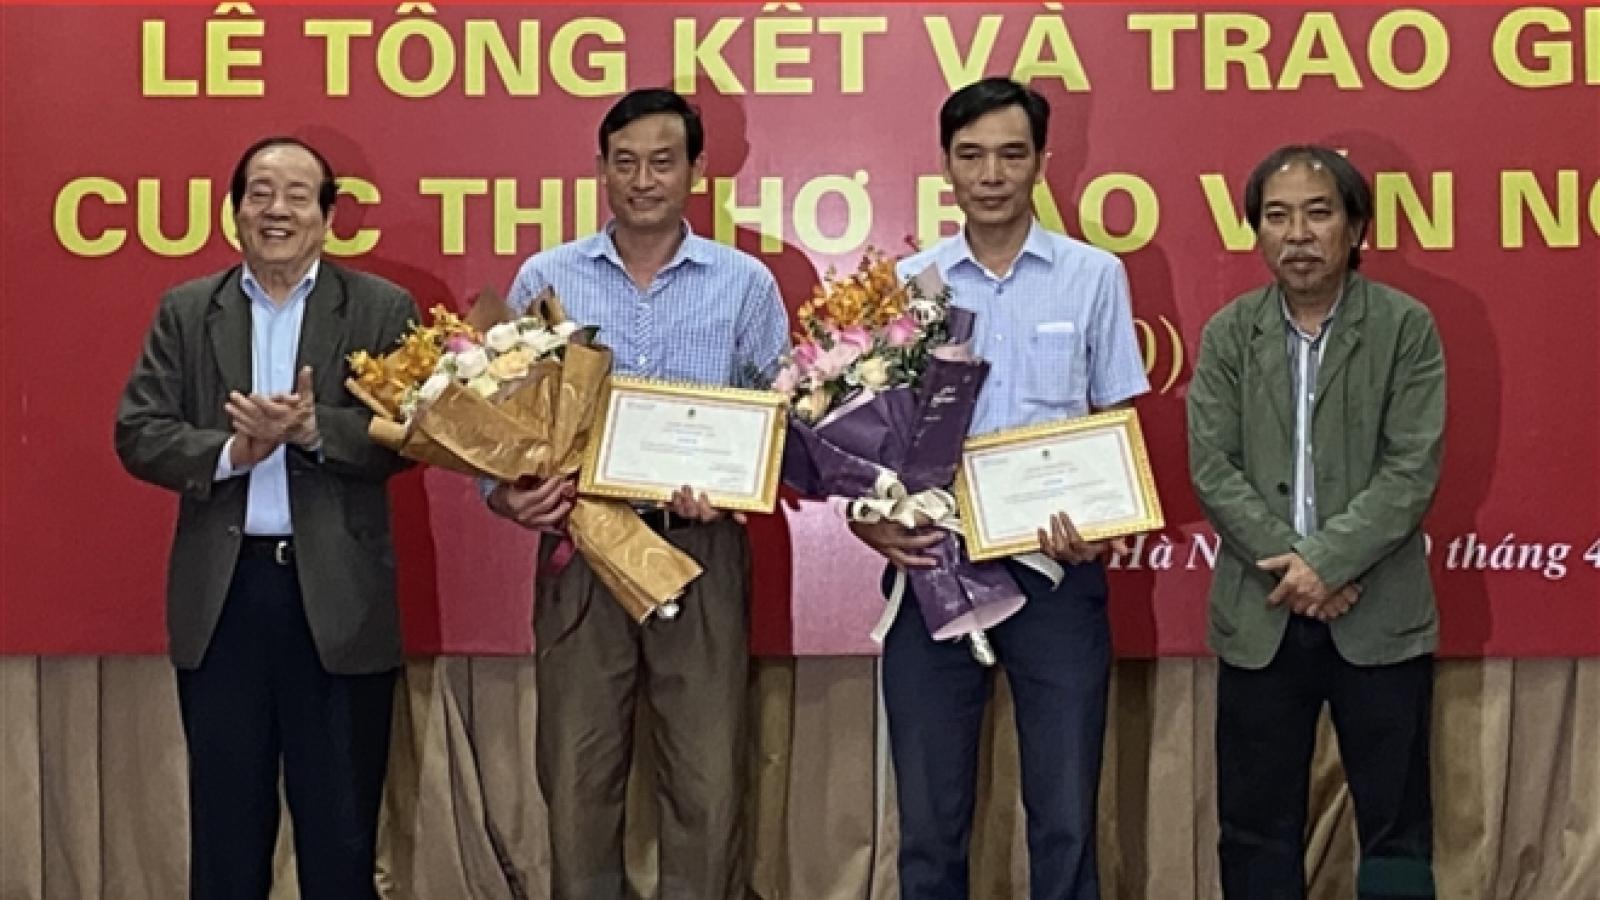 Thơ đoạt giải Báo Văn nghệ: Dư luận chê dở, Ban Giám khảo khen độc đáo nhất cuộc thi